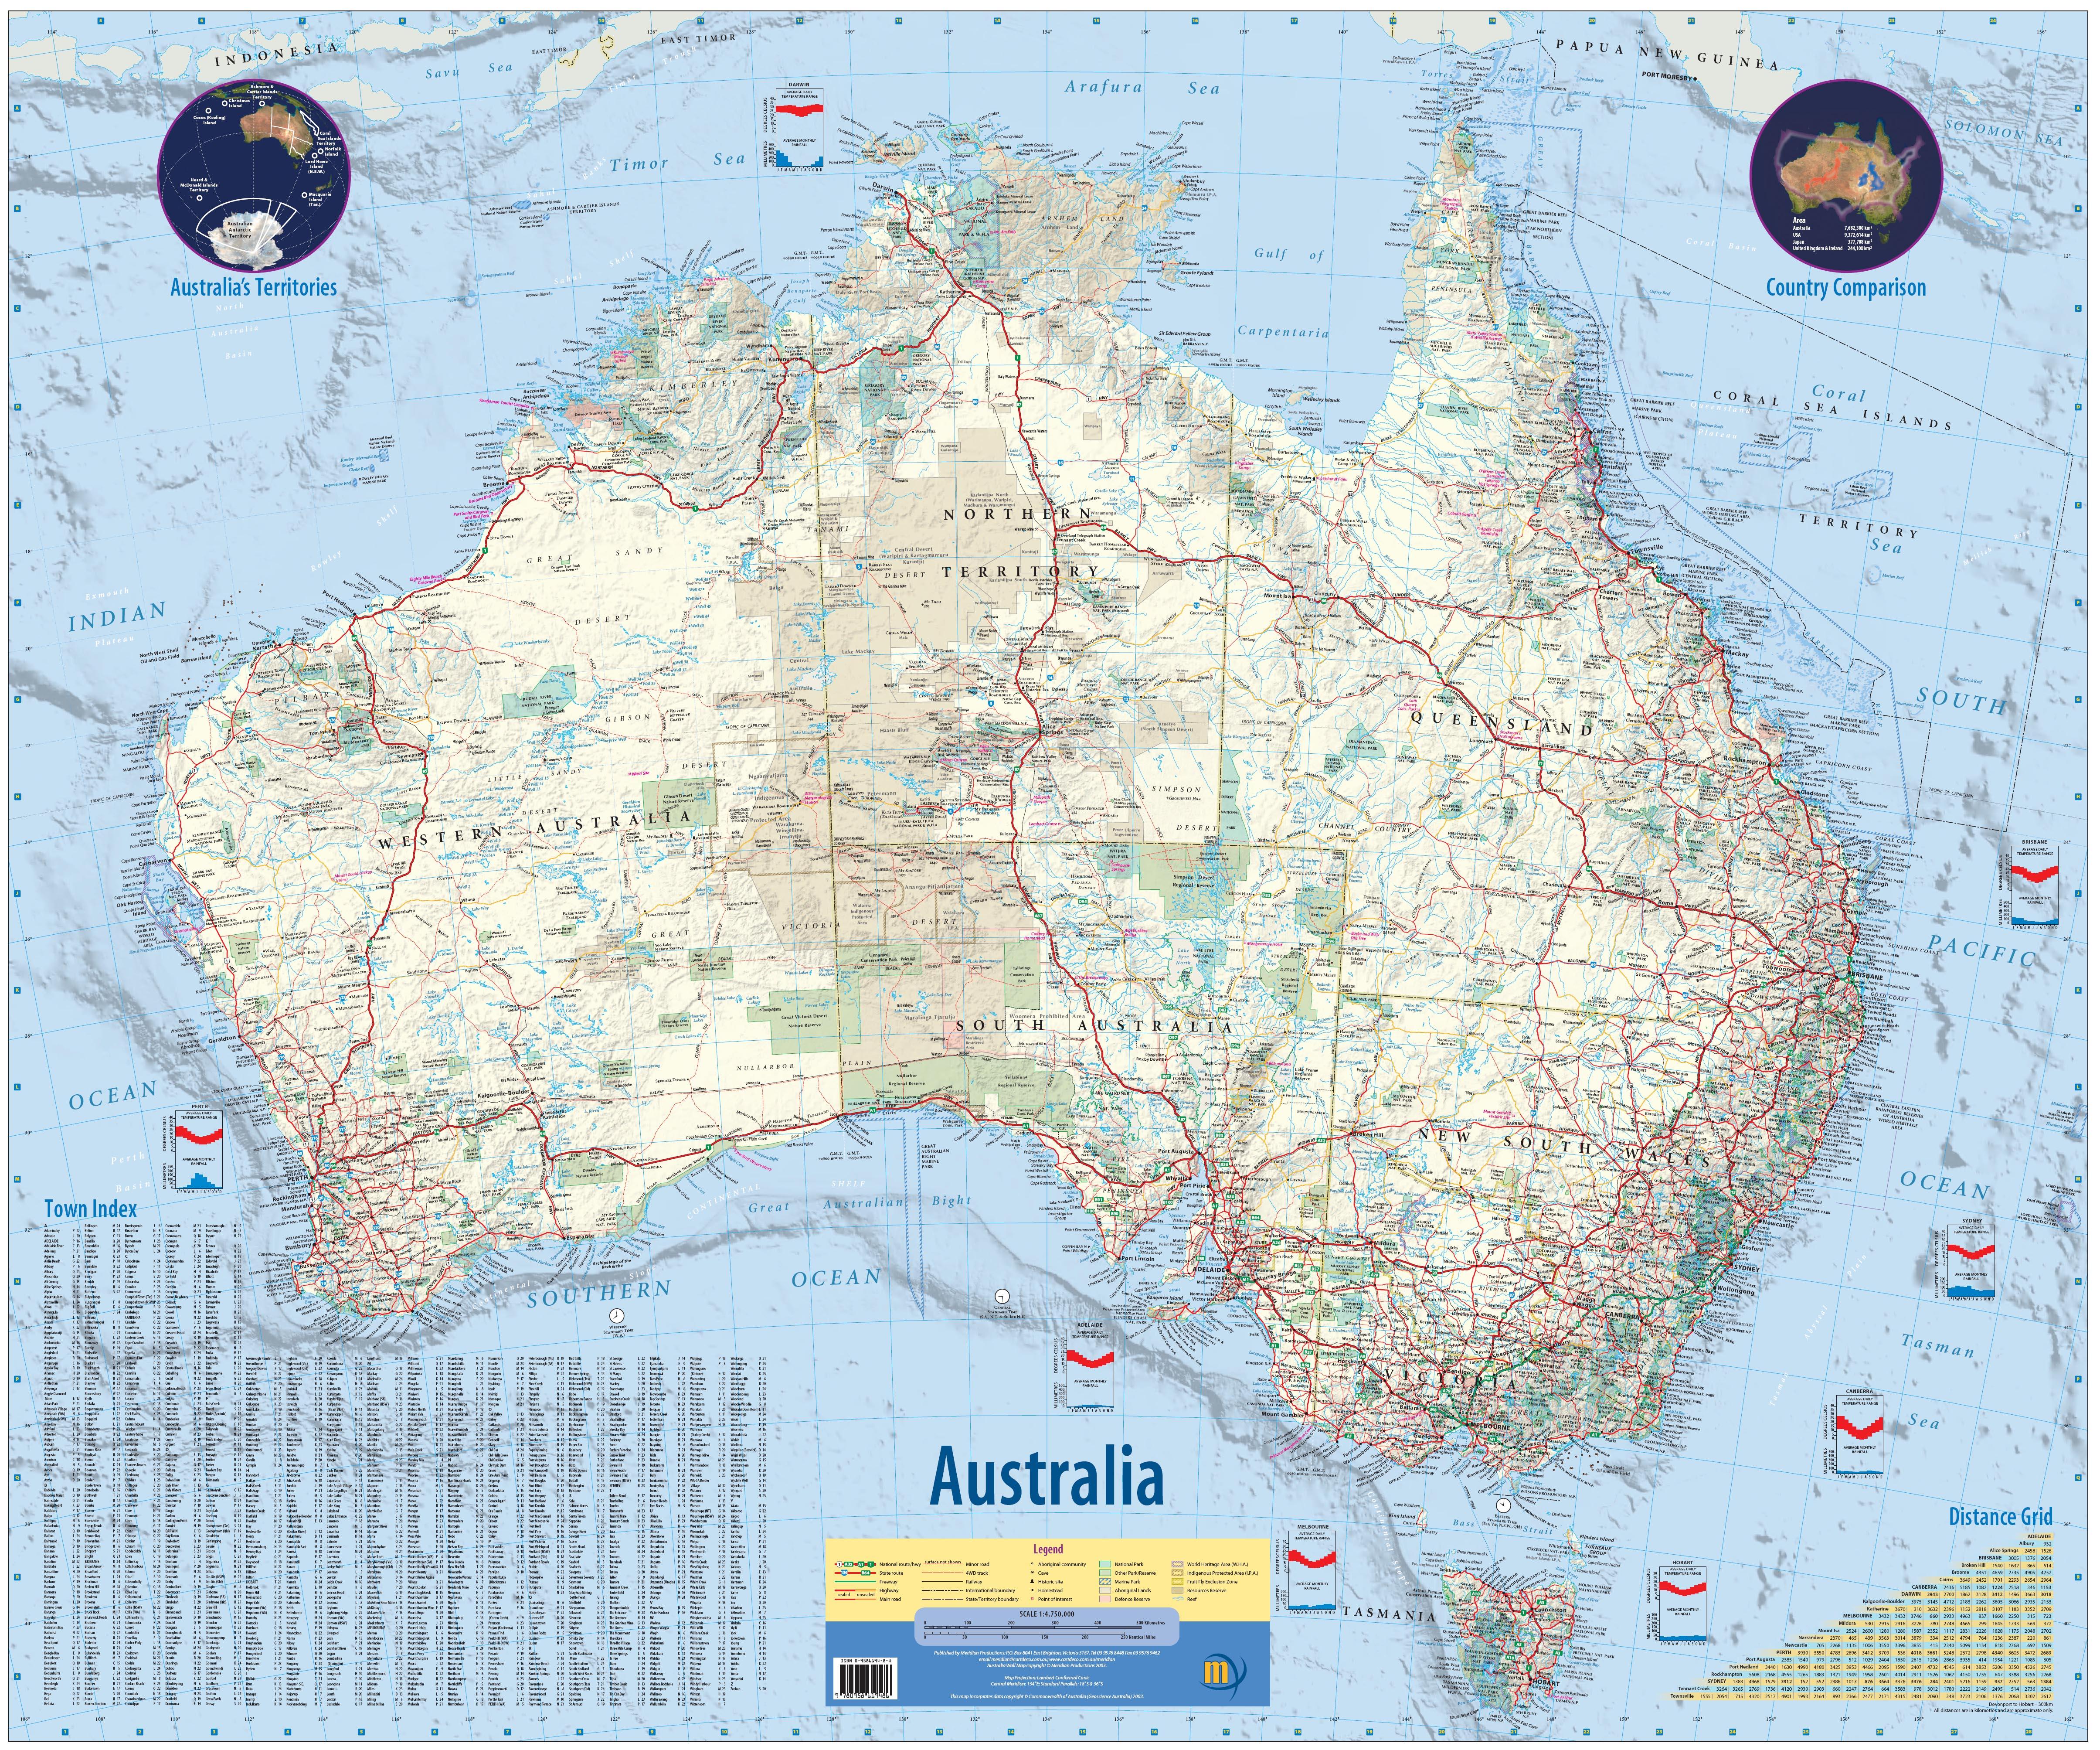 Australia Wall Maps | Metro Map | Bus Routes | Metrobus Way Map ... Australia Wall Maps